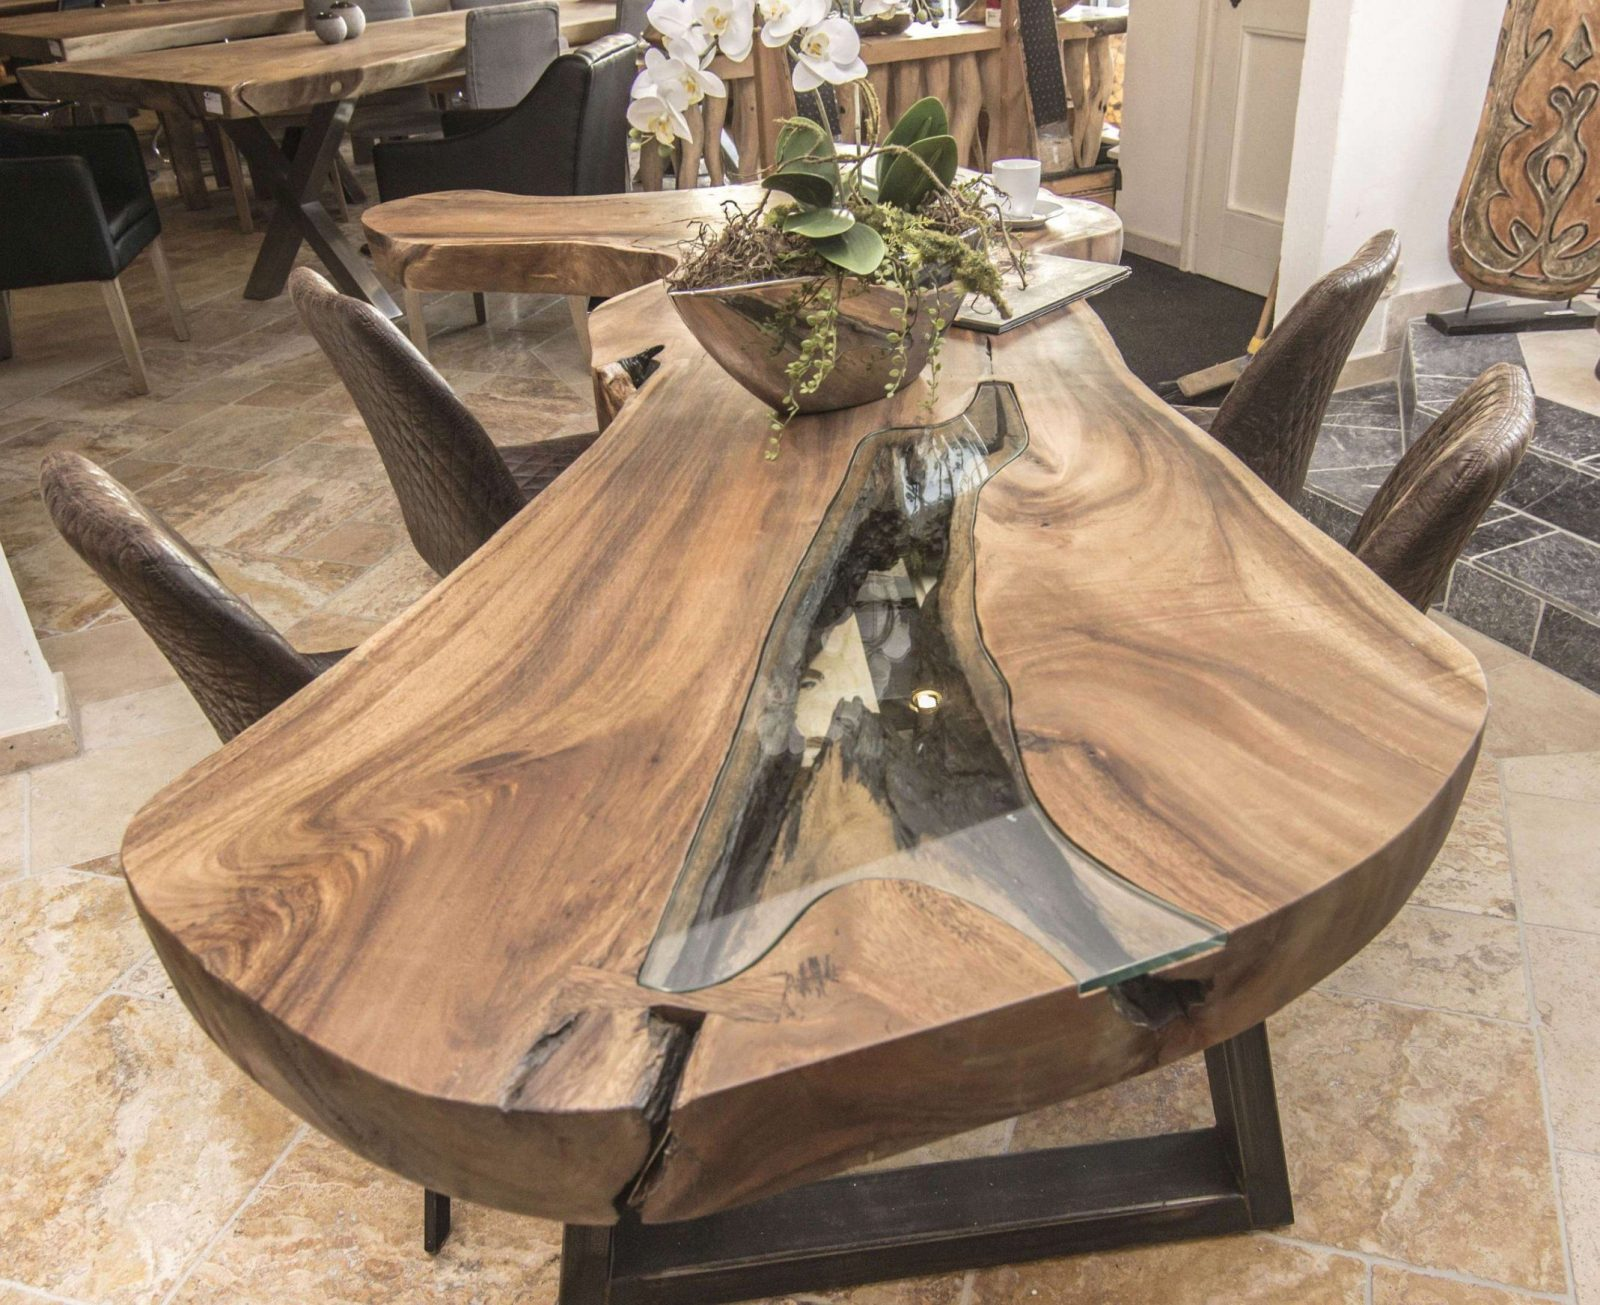 ... Fabelhaft Baumstamm Tisch Selber Machen Simple Baumstamm Hocker Von  Tisch Aus Baumstamm Selber Machen Bild ...